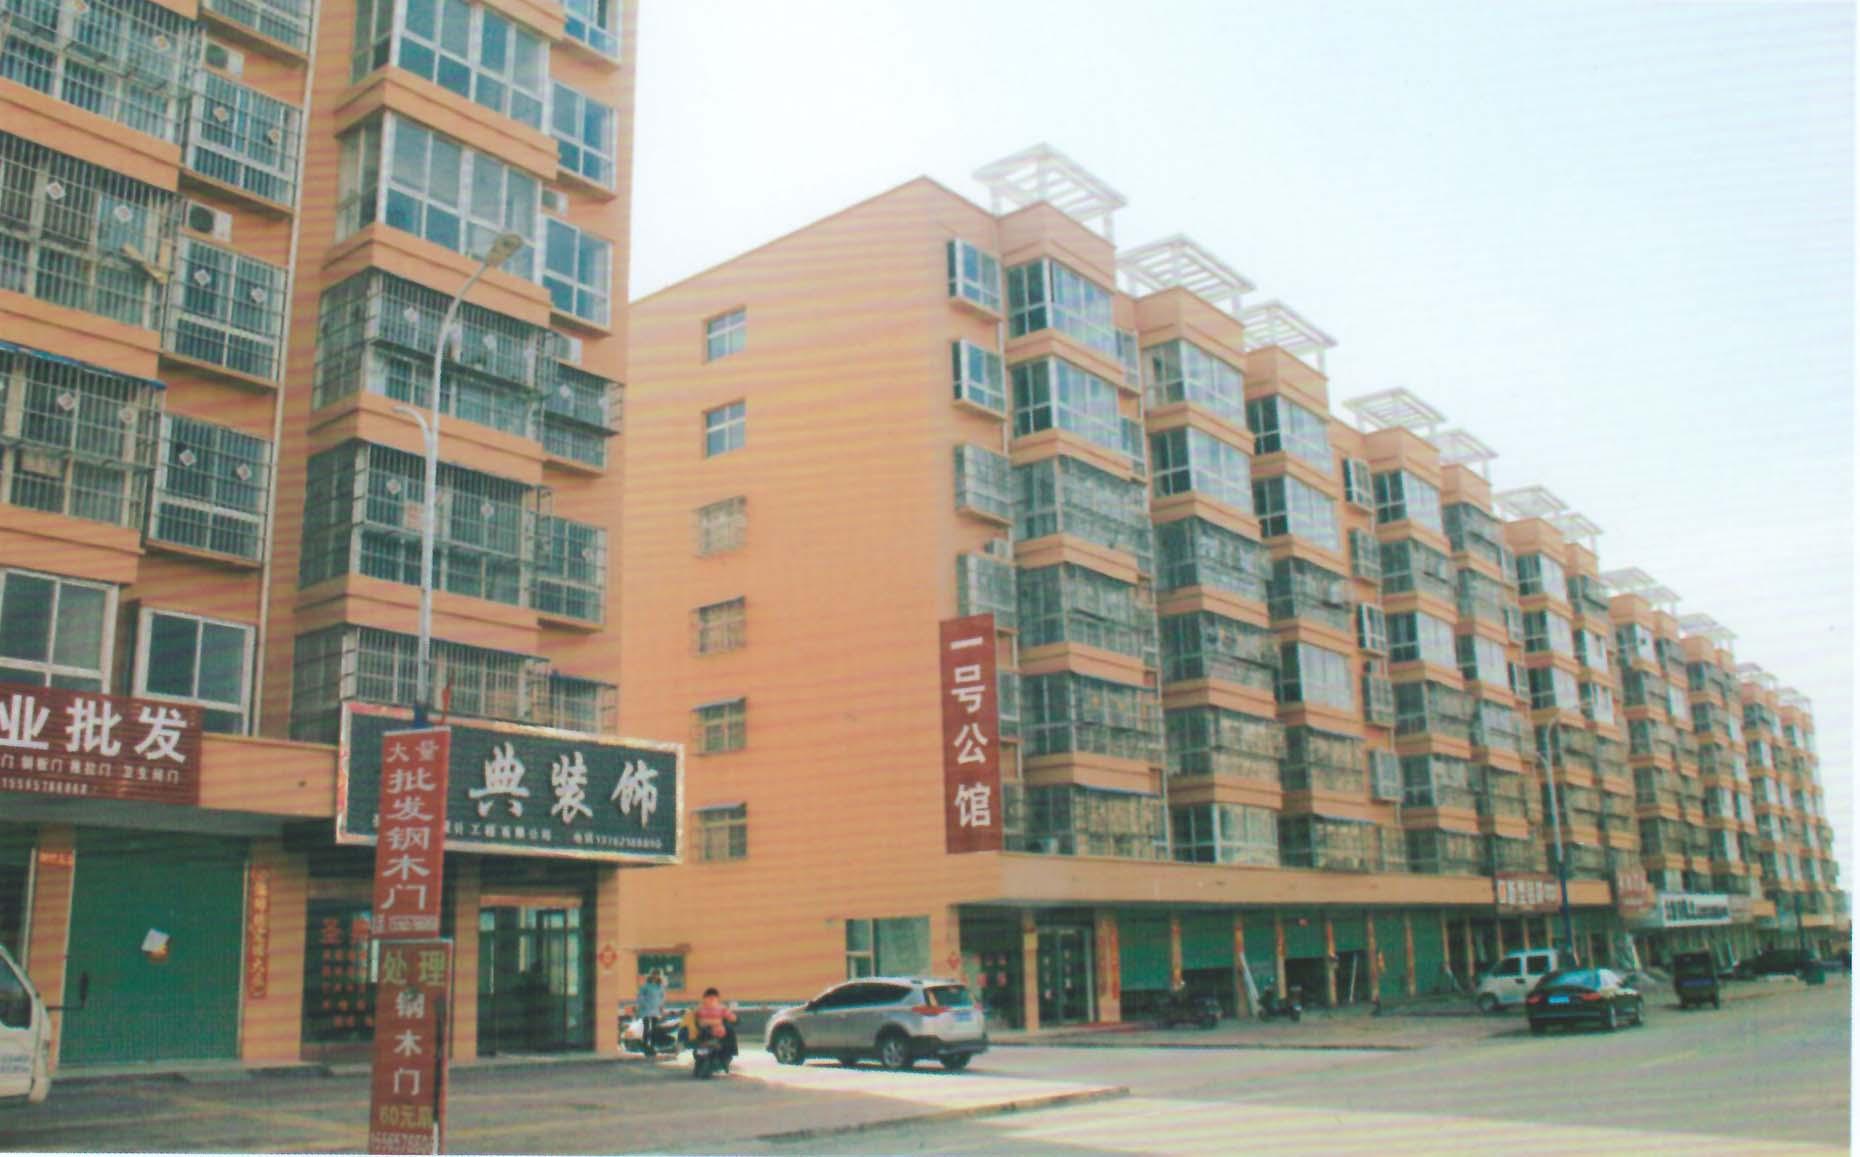 鑫缘与唐河县一号公馆小区合作进行乳胶漆项目案例展示